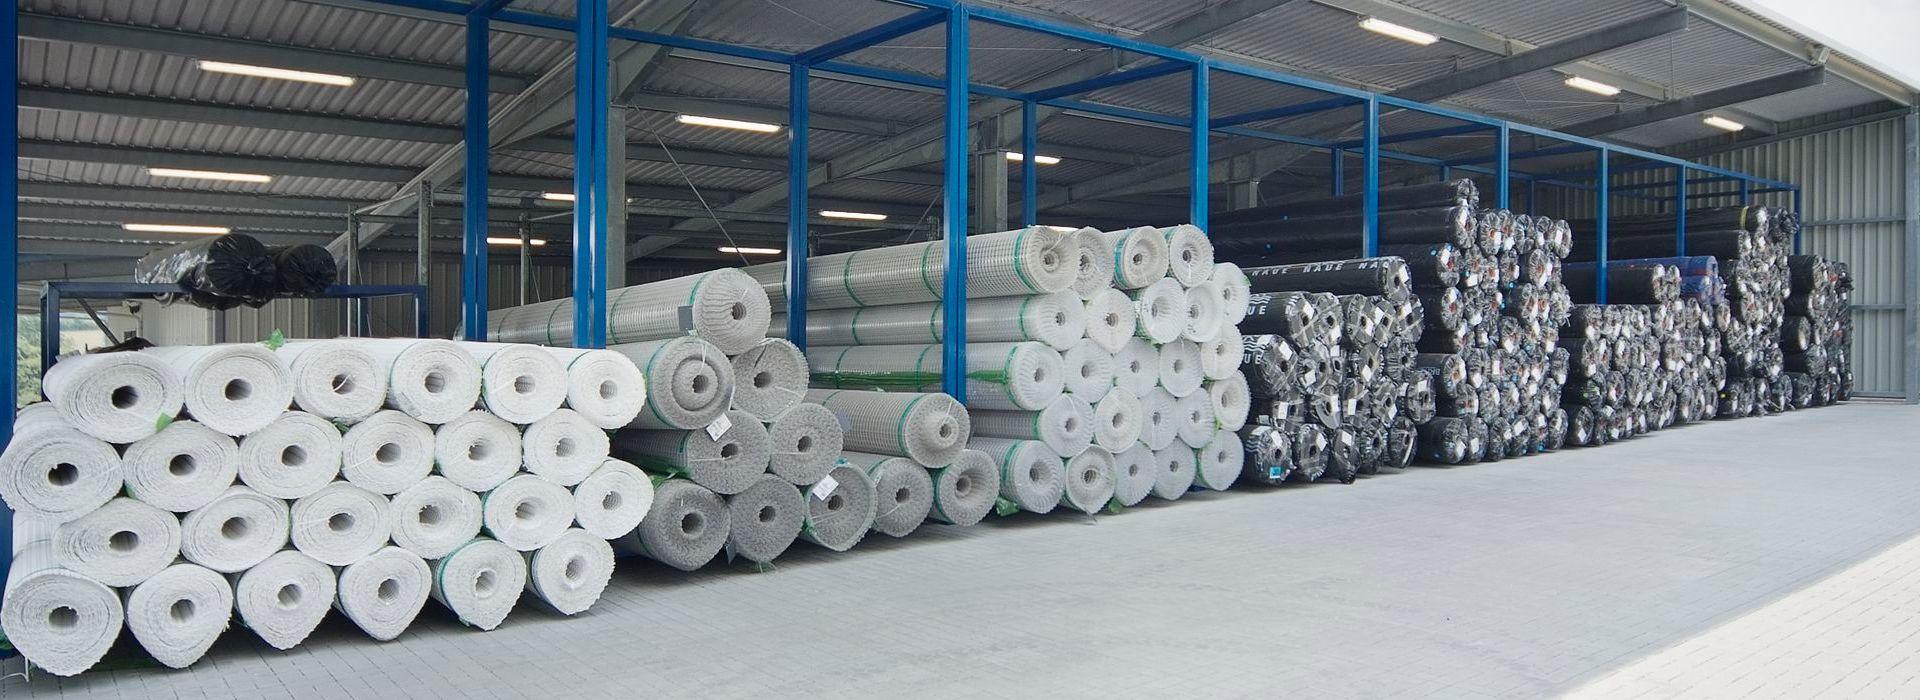 Umweltfreundliche Baufolie aus Polyethylen. Feuchtigkeitsschutz, Abdeckung